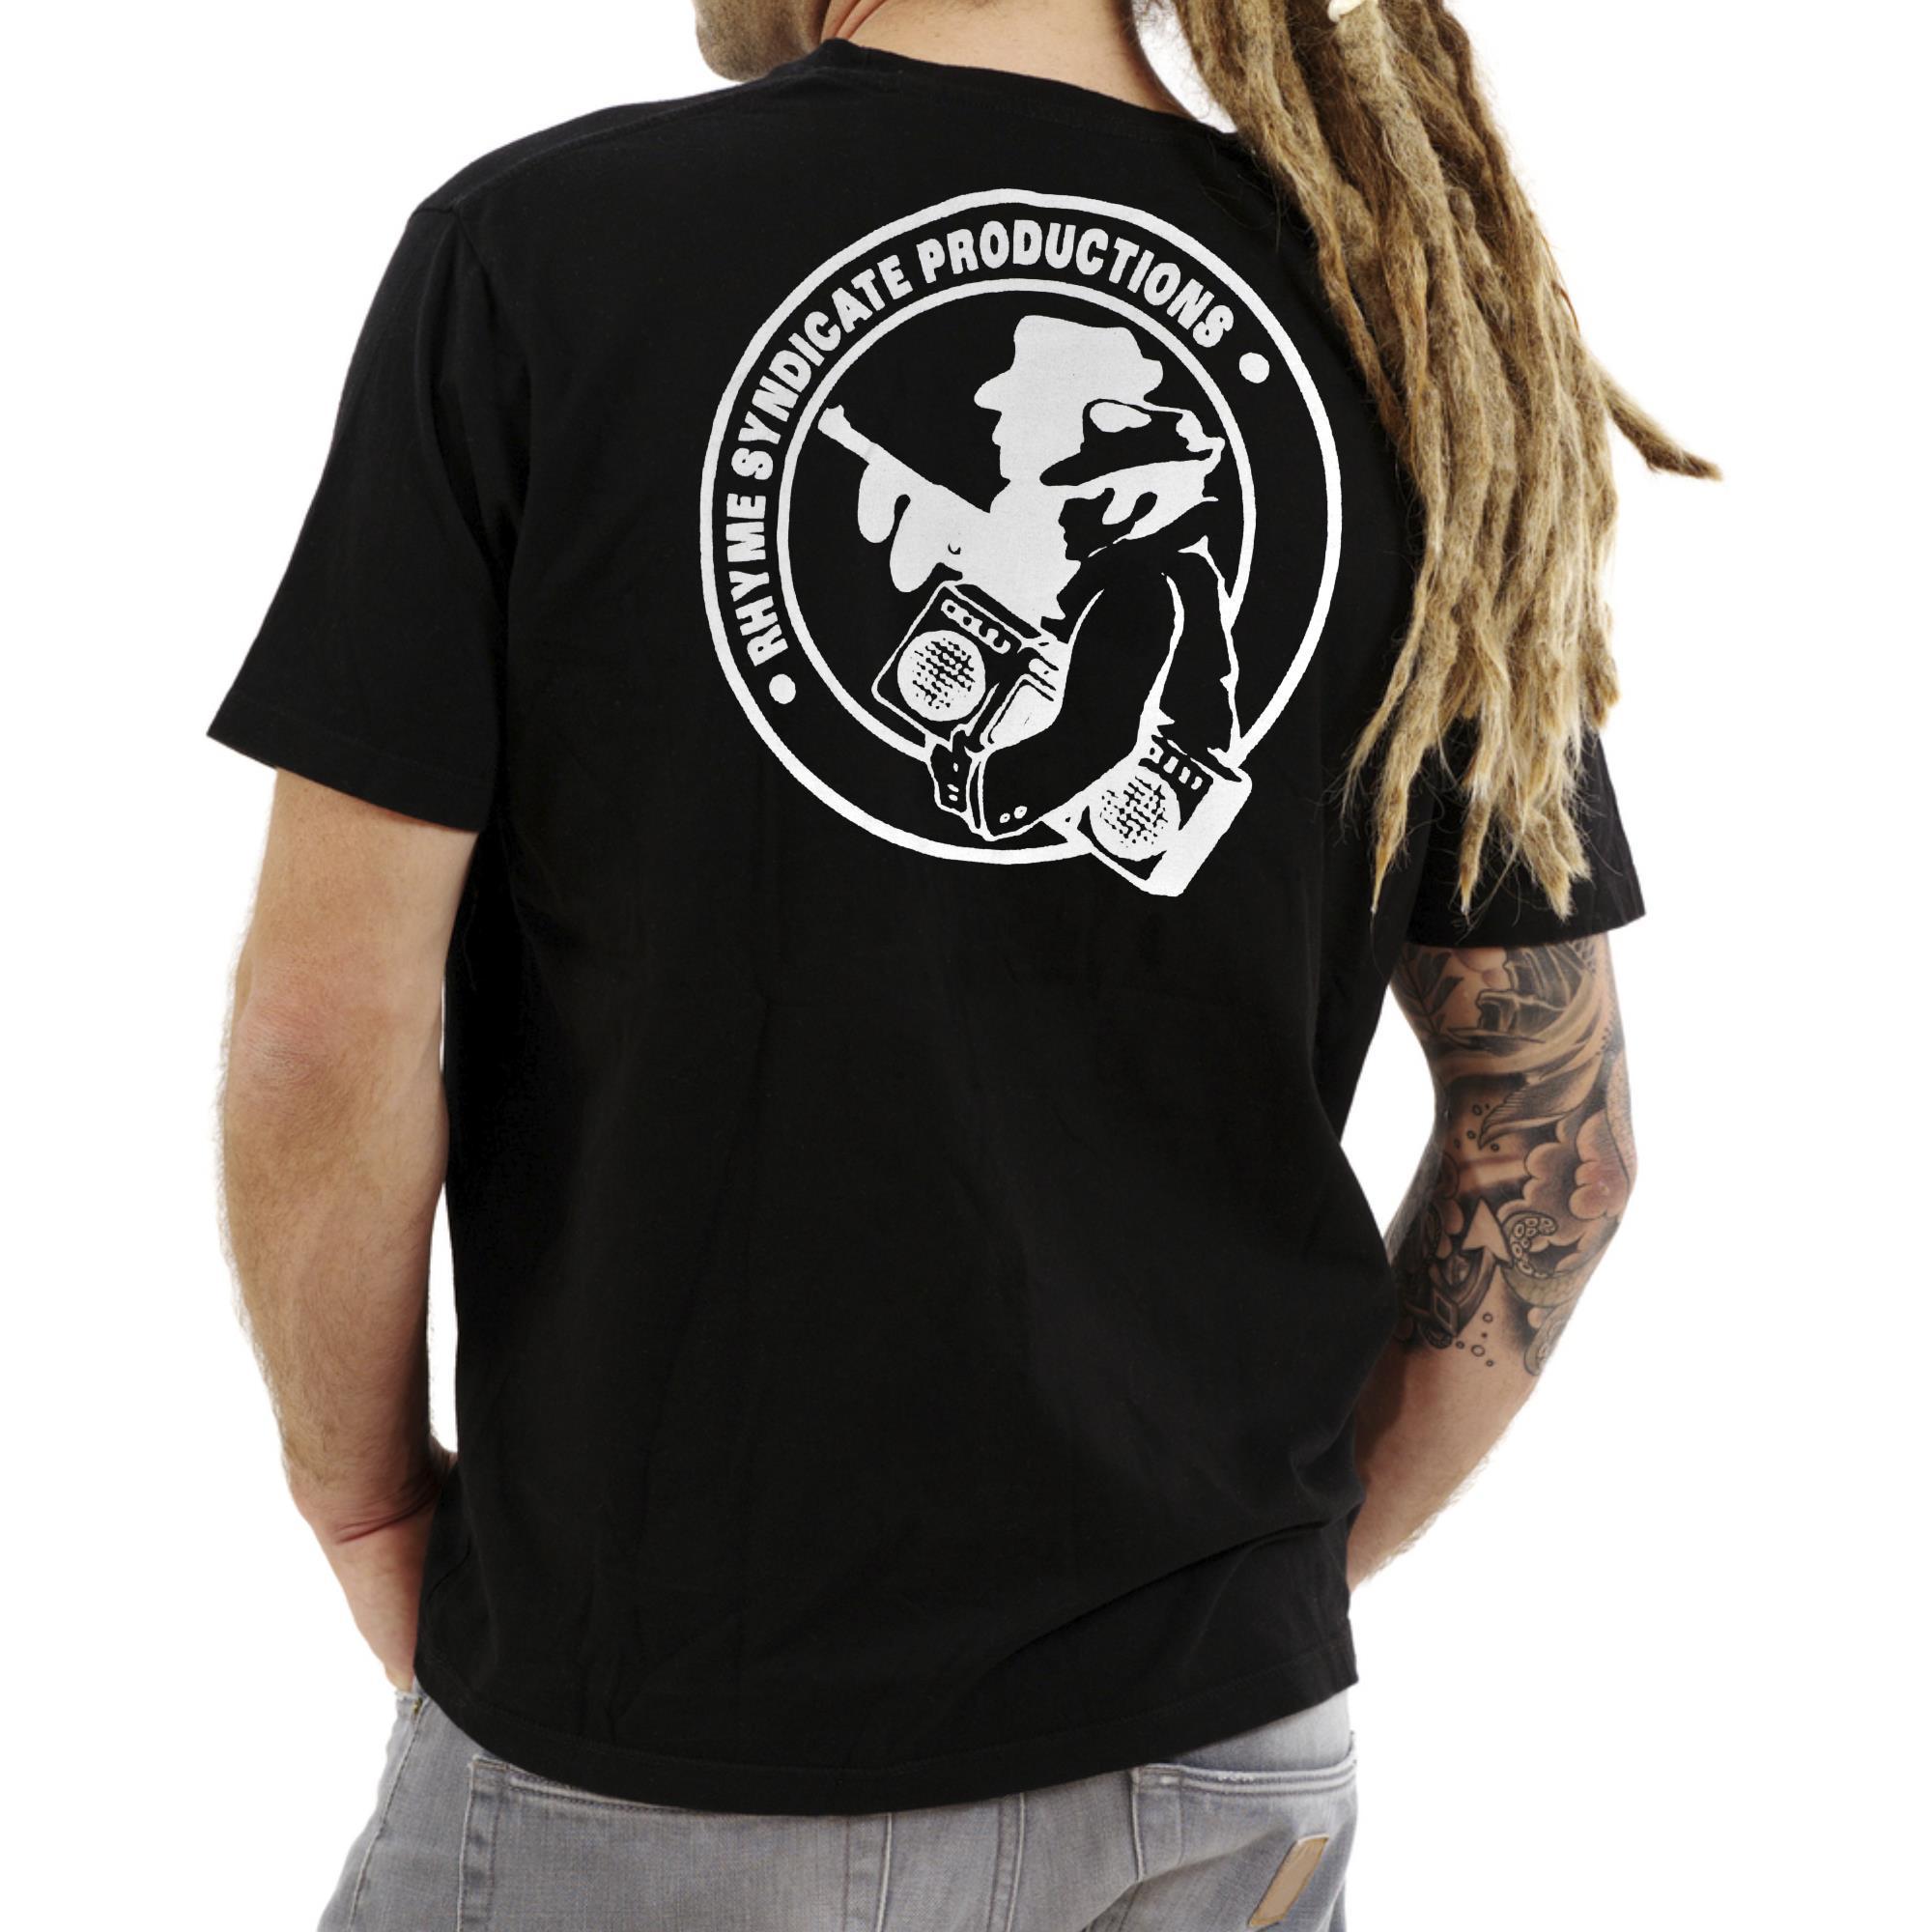 Mothafuckin T-shirt